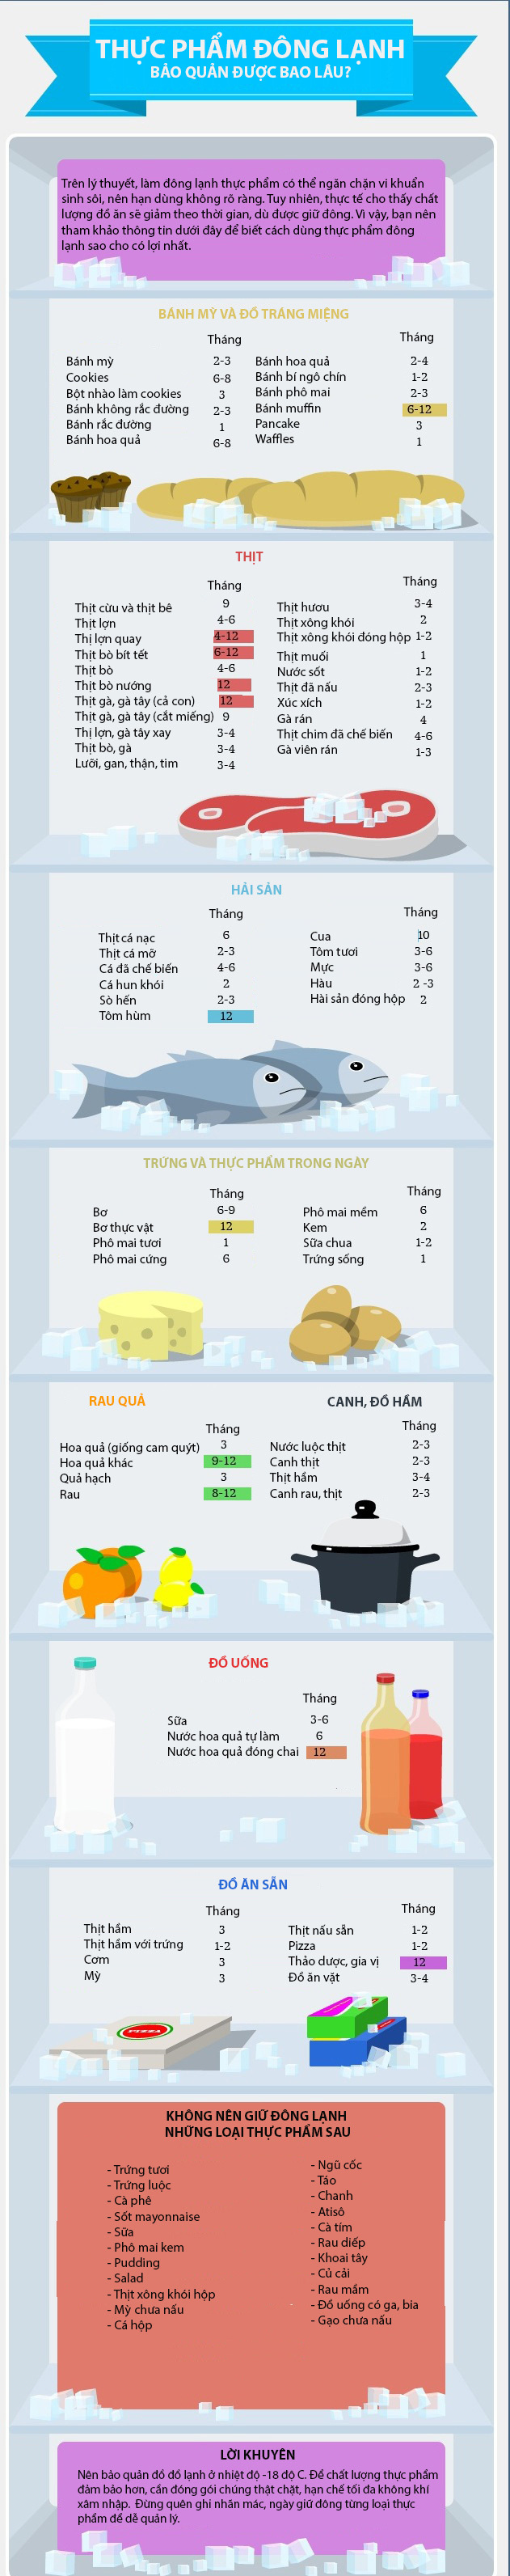 Thời gian bảo quản cho thực phẩm đông lạnh